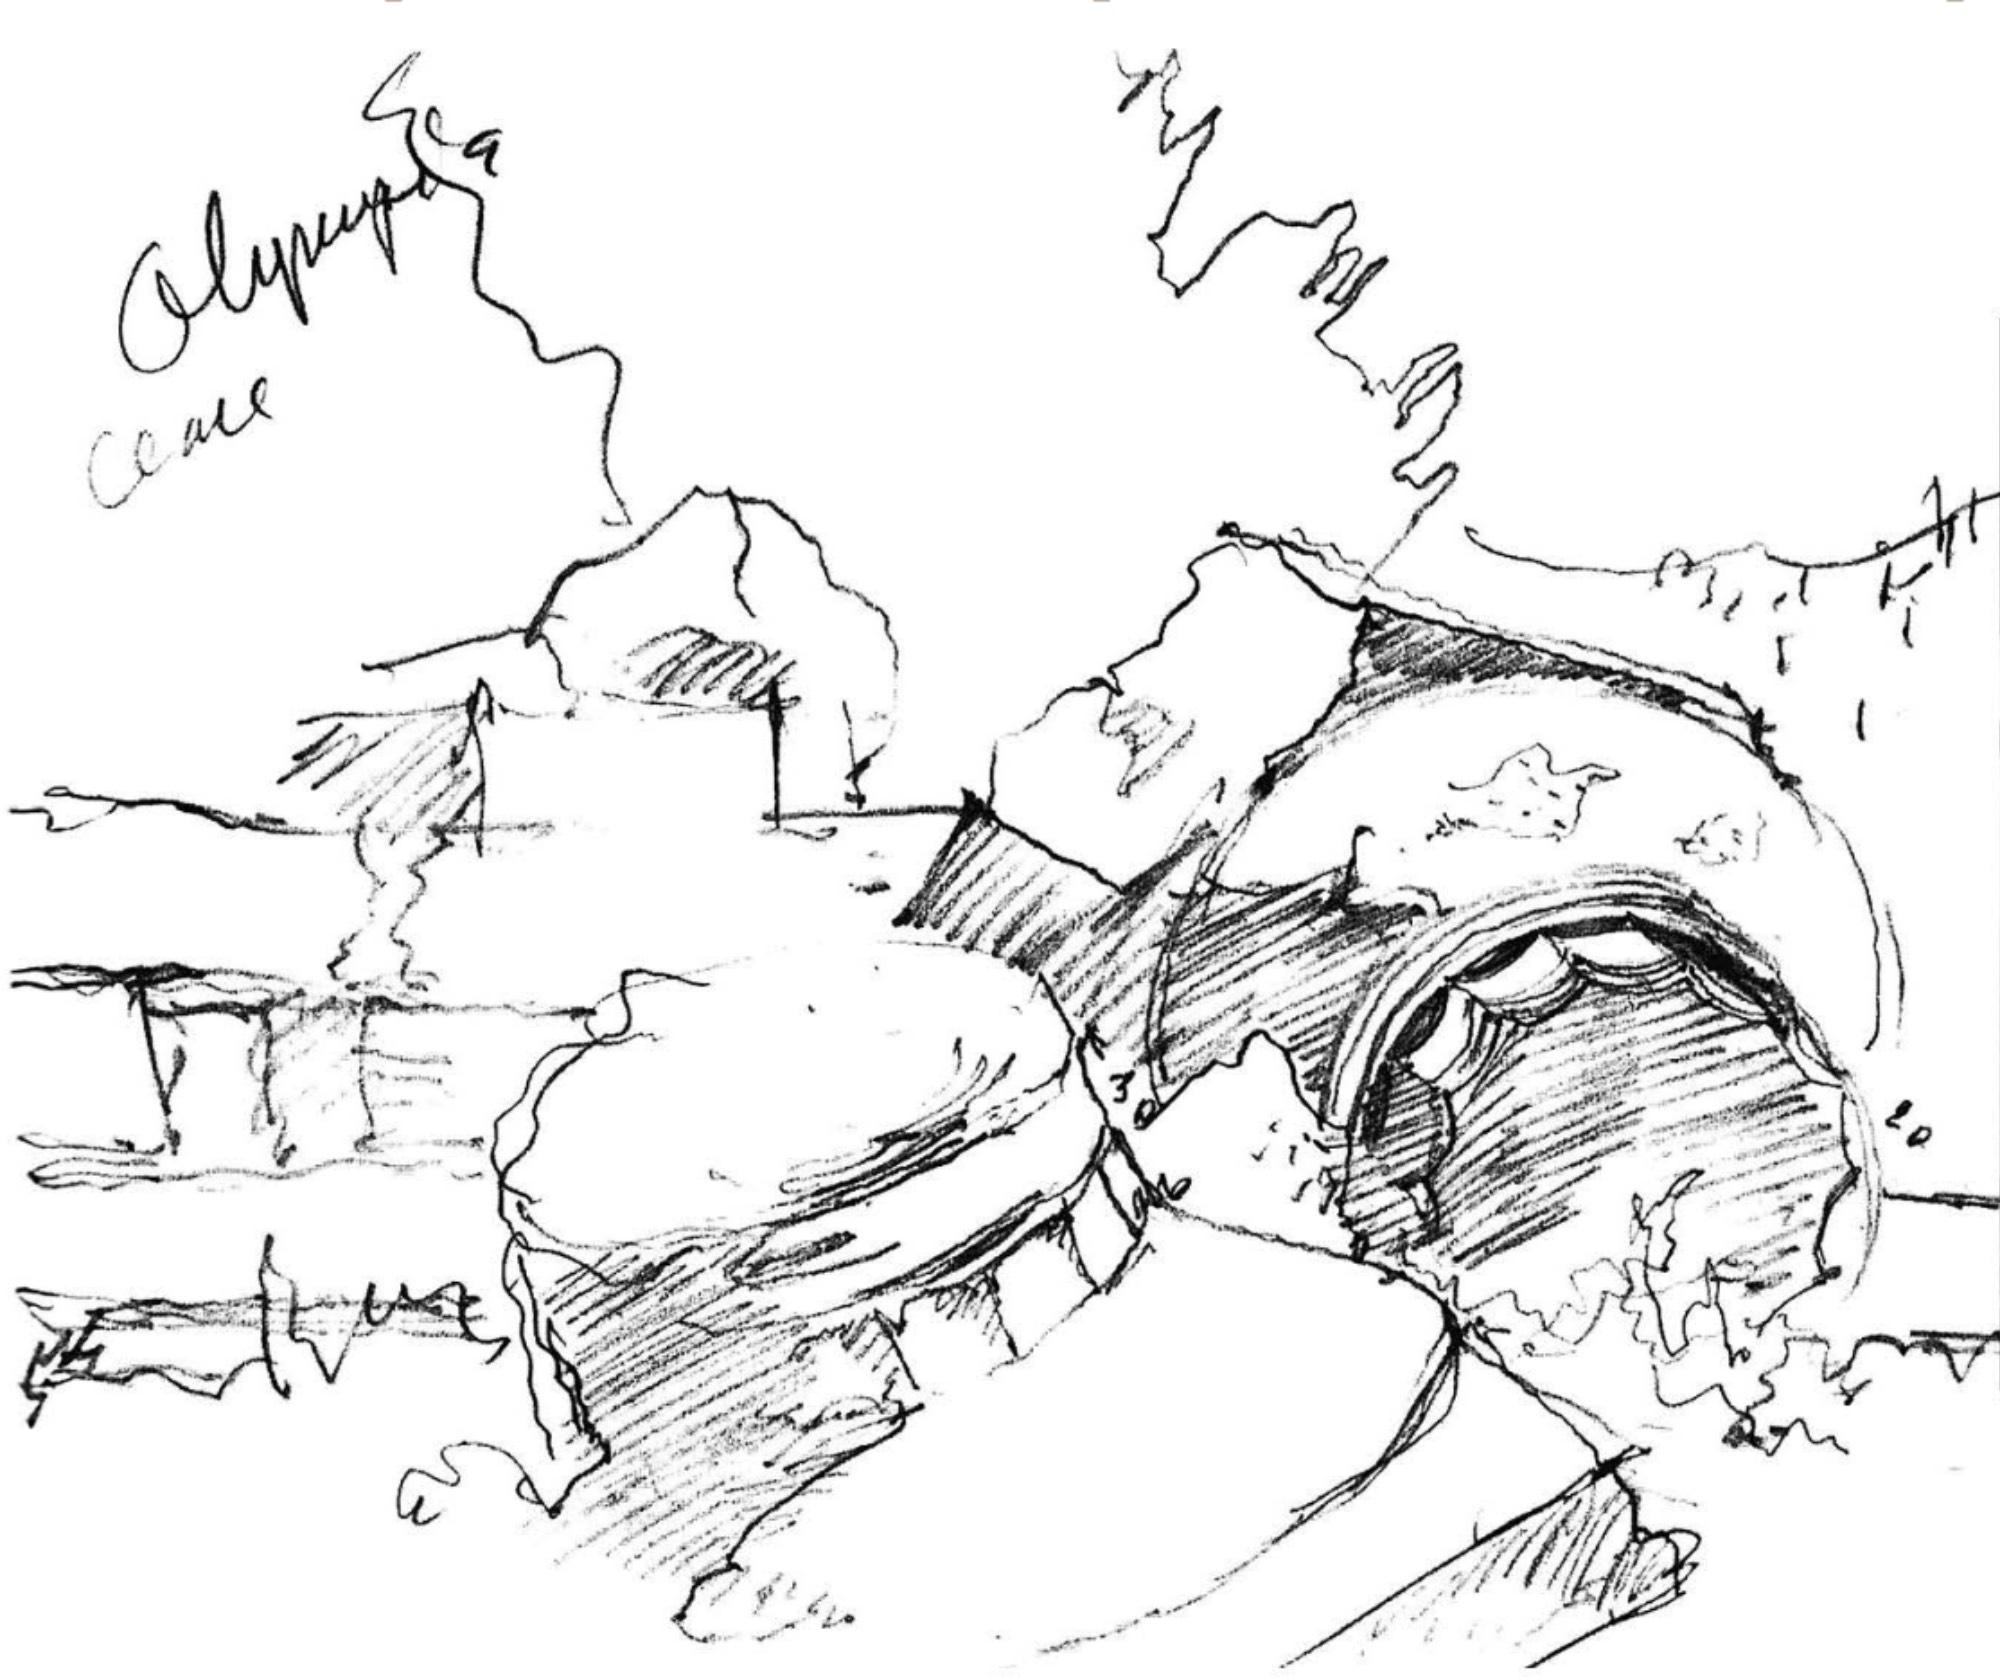 Ο Alvar Aalto και η Ελλάδα: ιχνηλατώντας τον μίτο της Αριάδνης